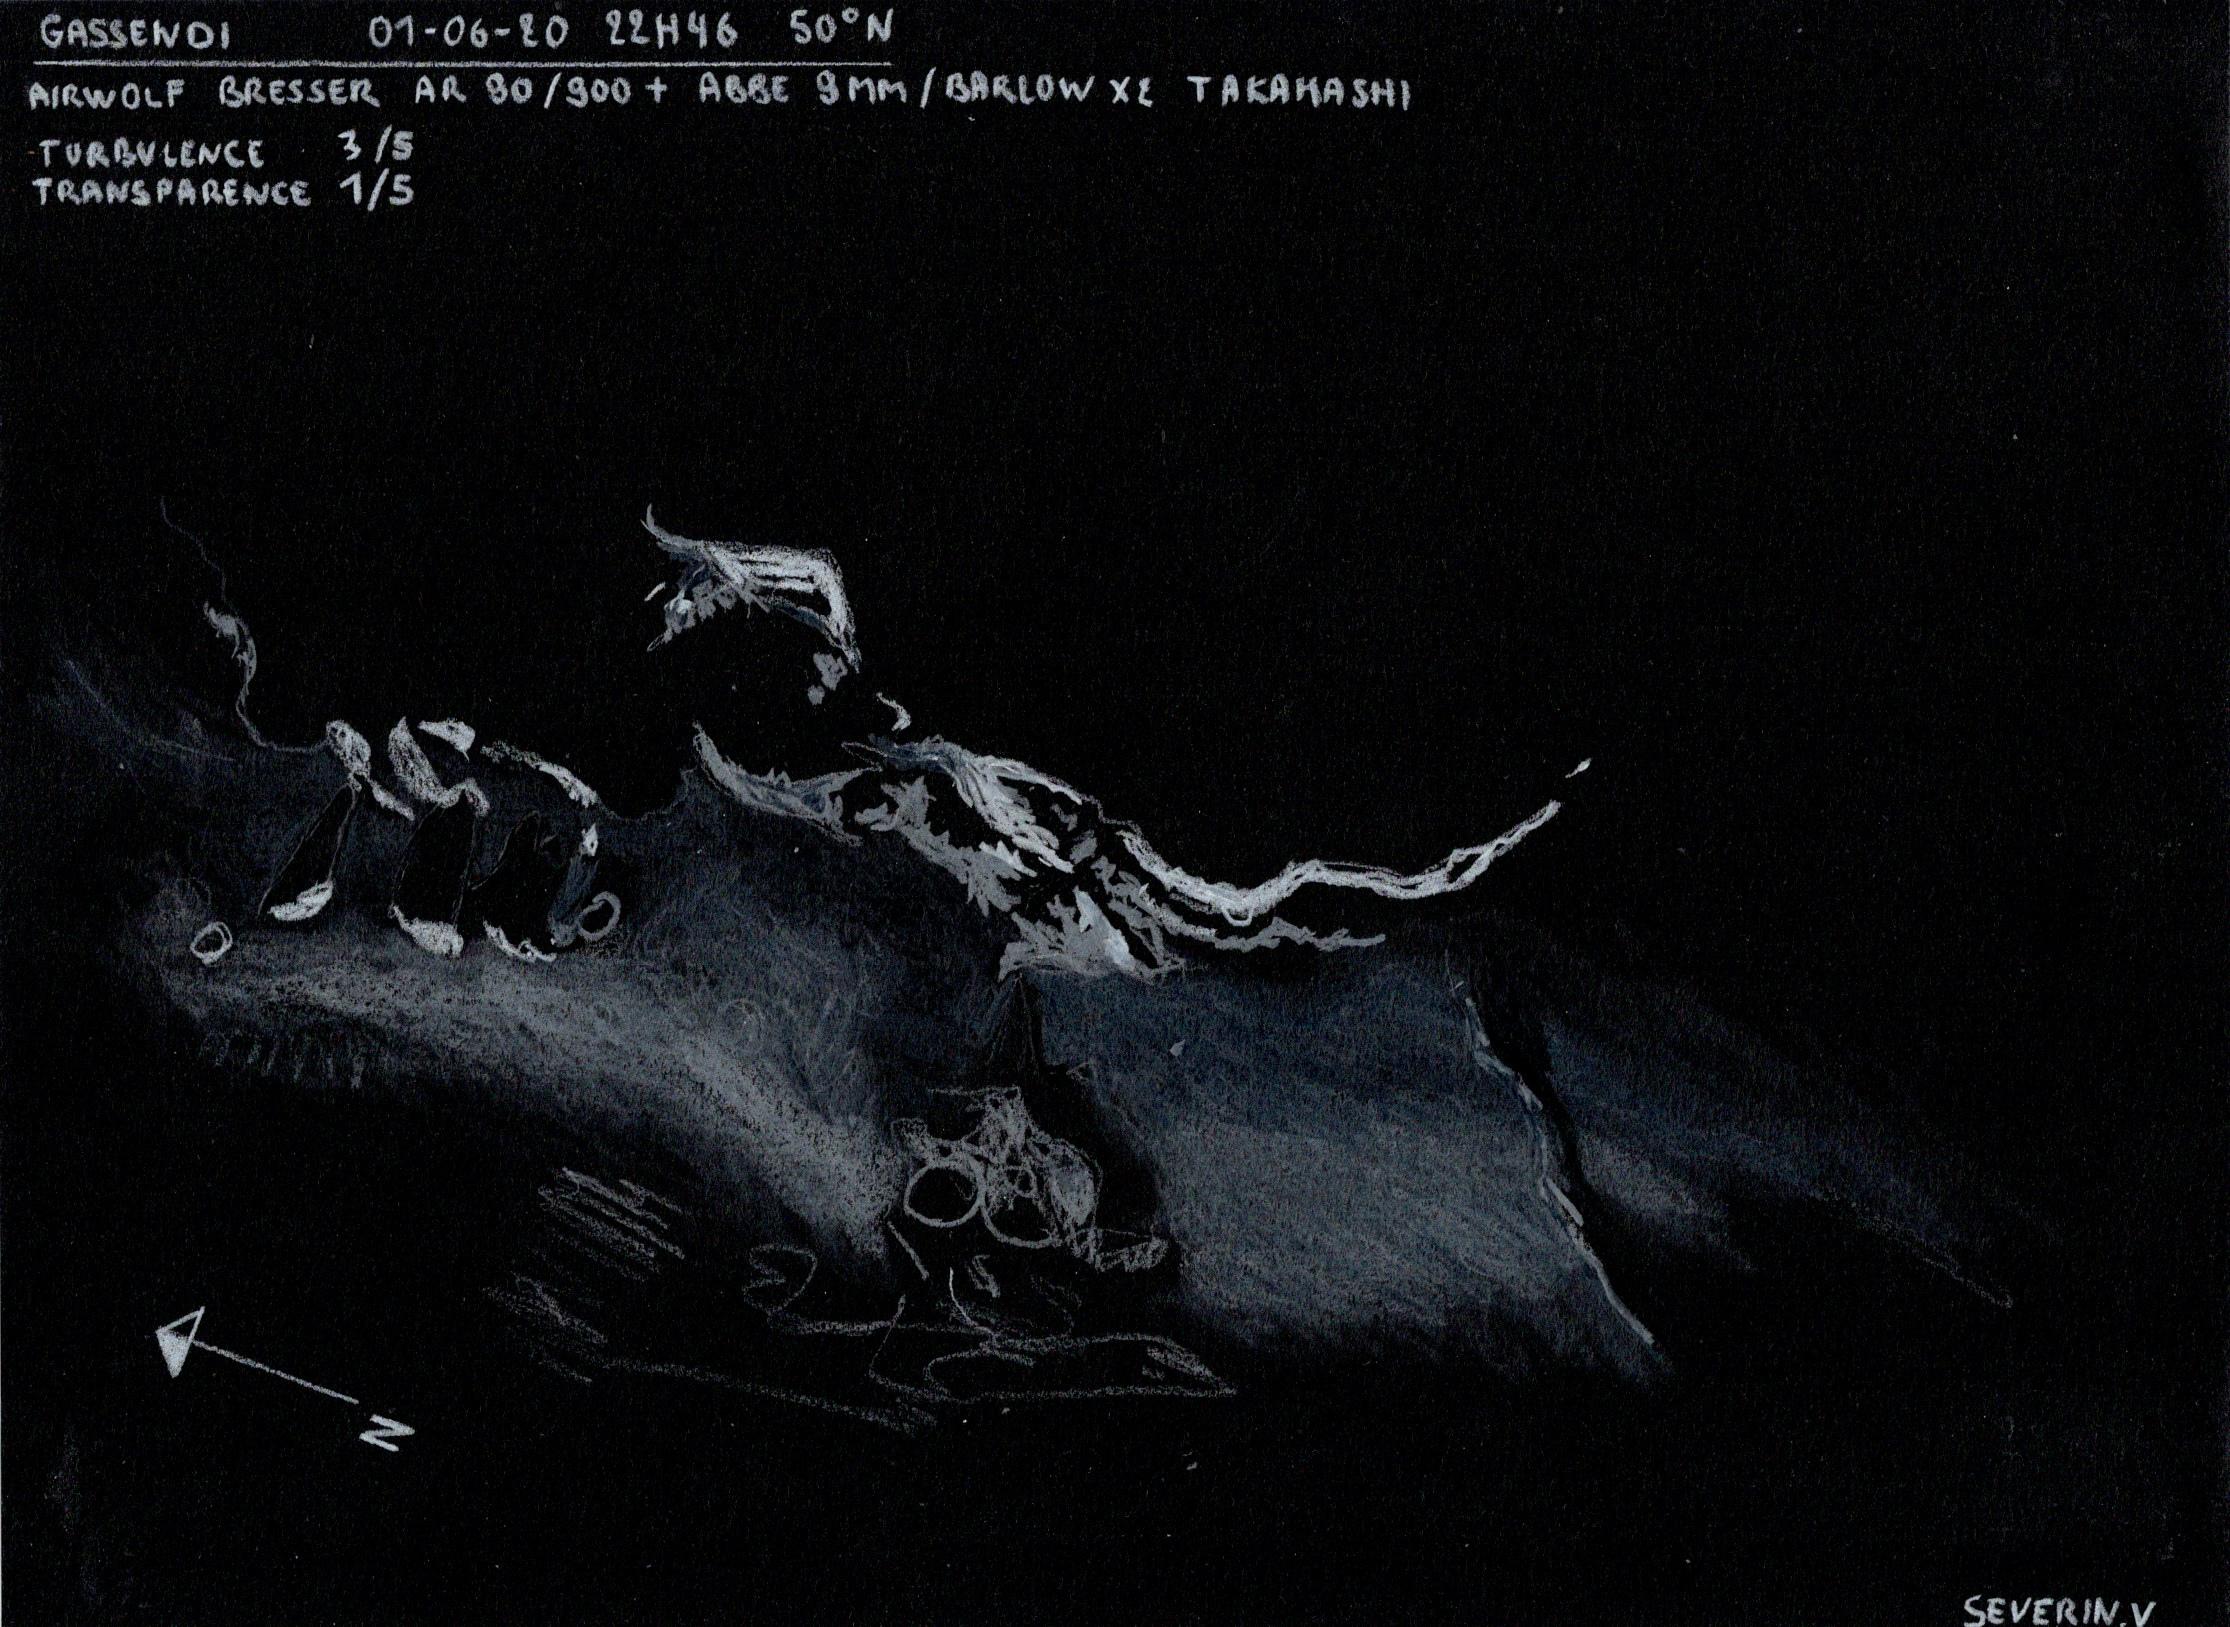 large.5ed6939a5dc72_GASSENDI01-06-20.jpg.813607a2a00acb42ef52bfd64e02c6a6.jpg